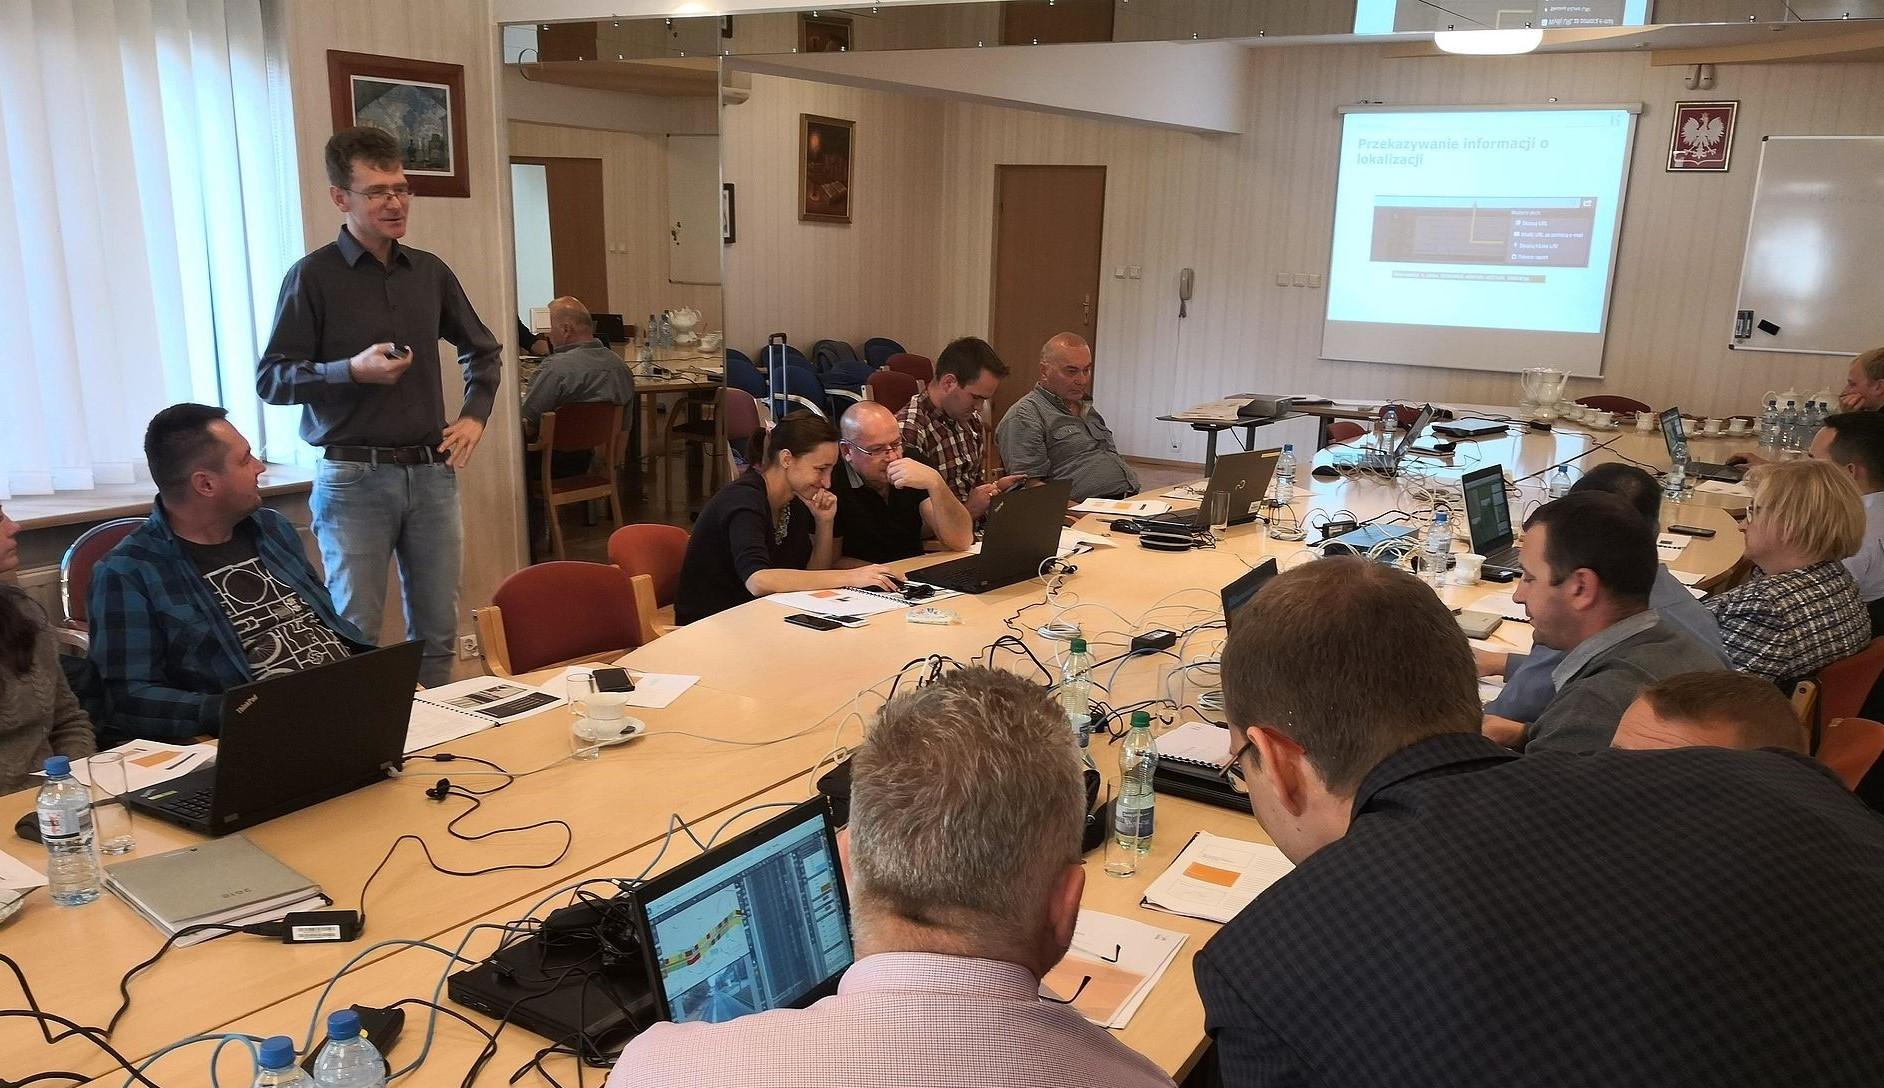 Szkolenie z systemu OnKo3 dla GDDKiA w Katowicach